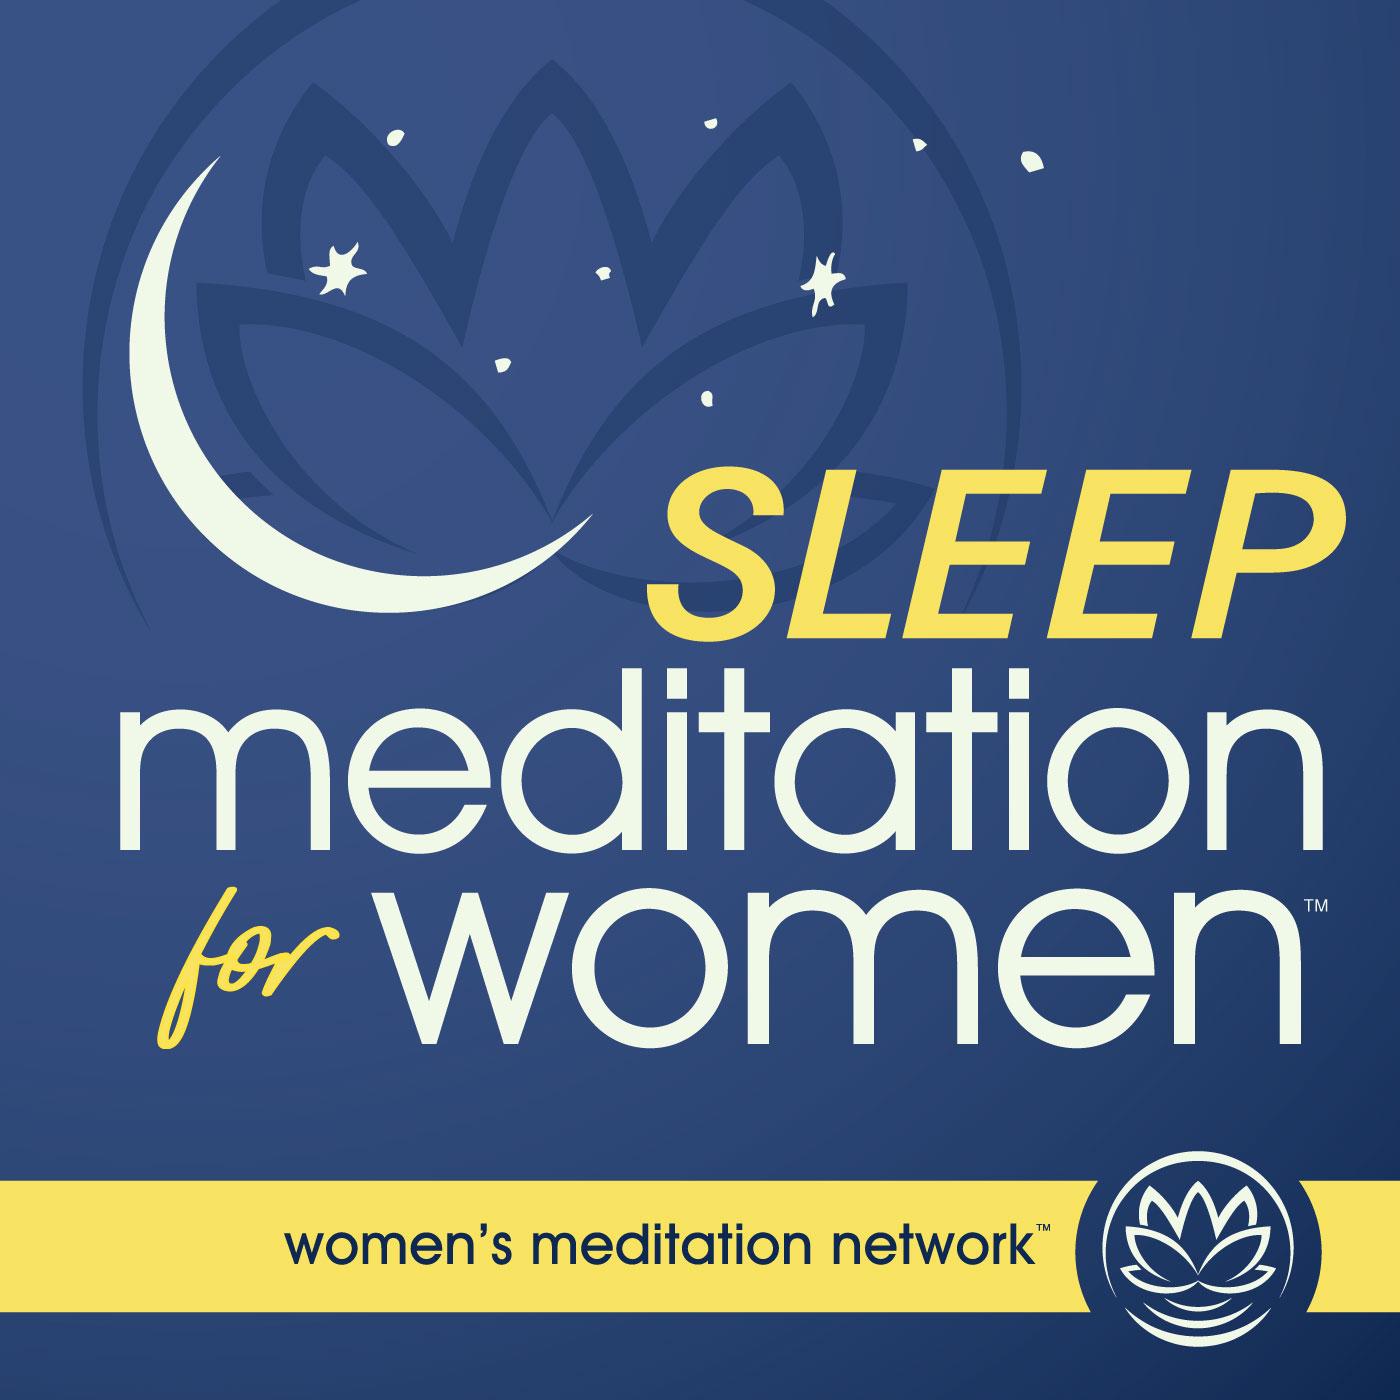 Meditation Network for Women